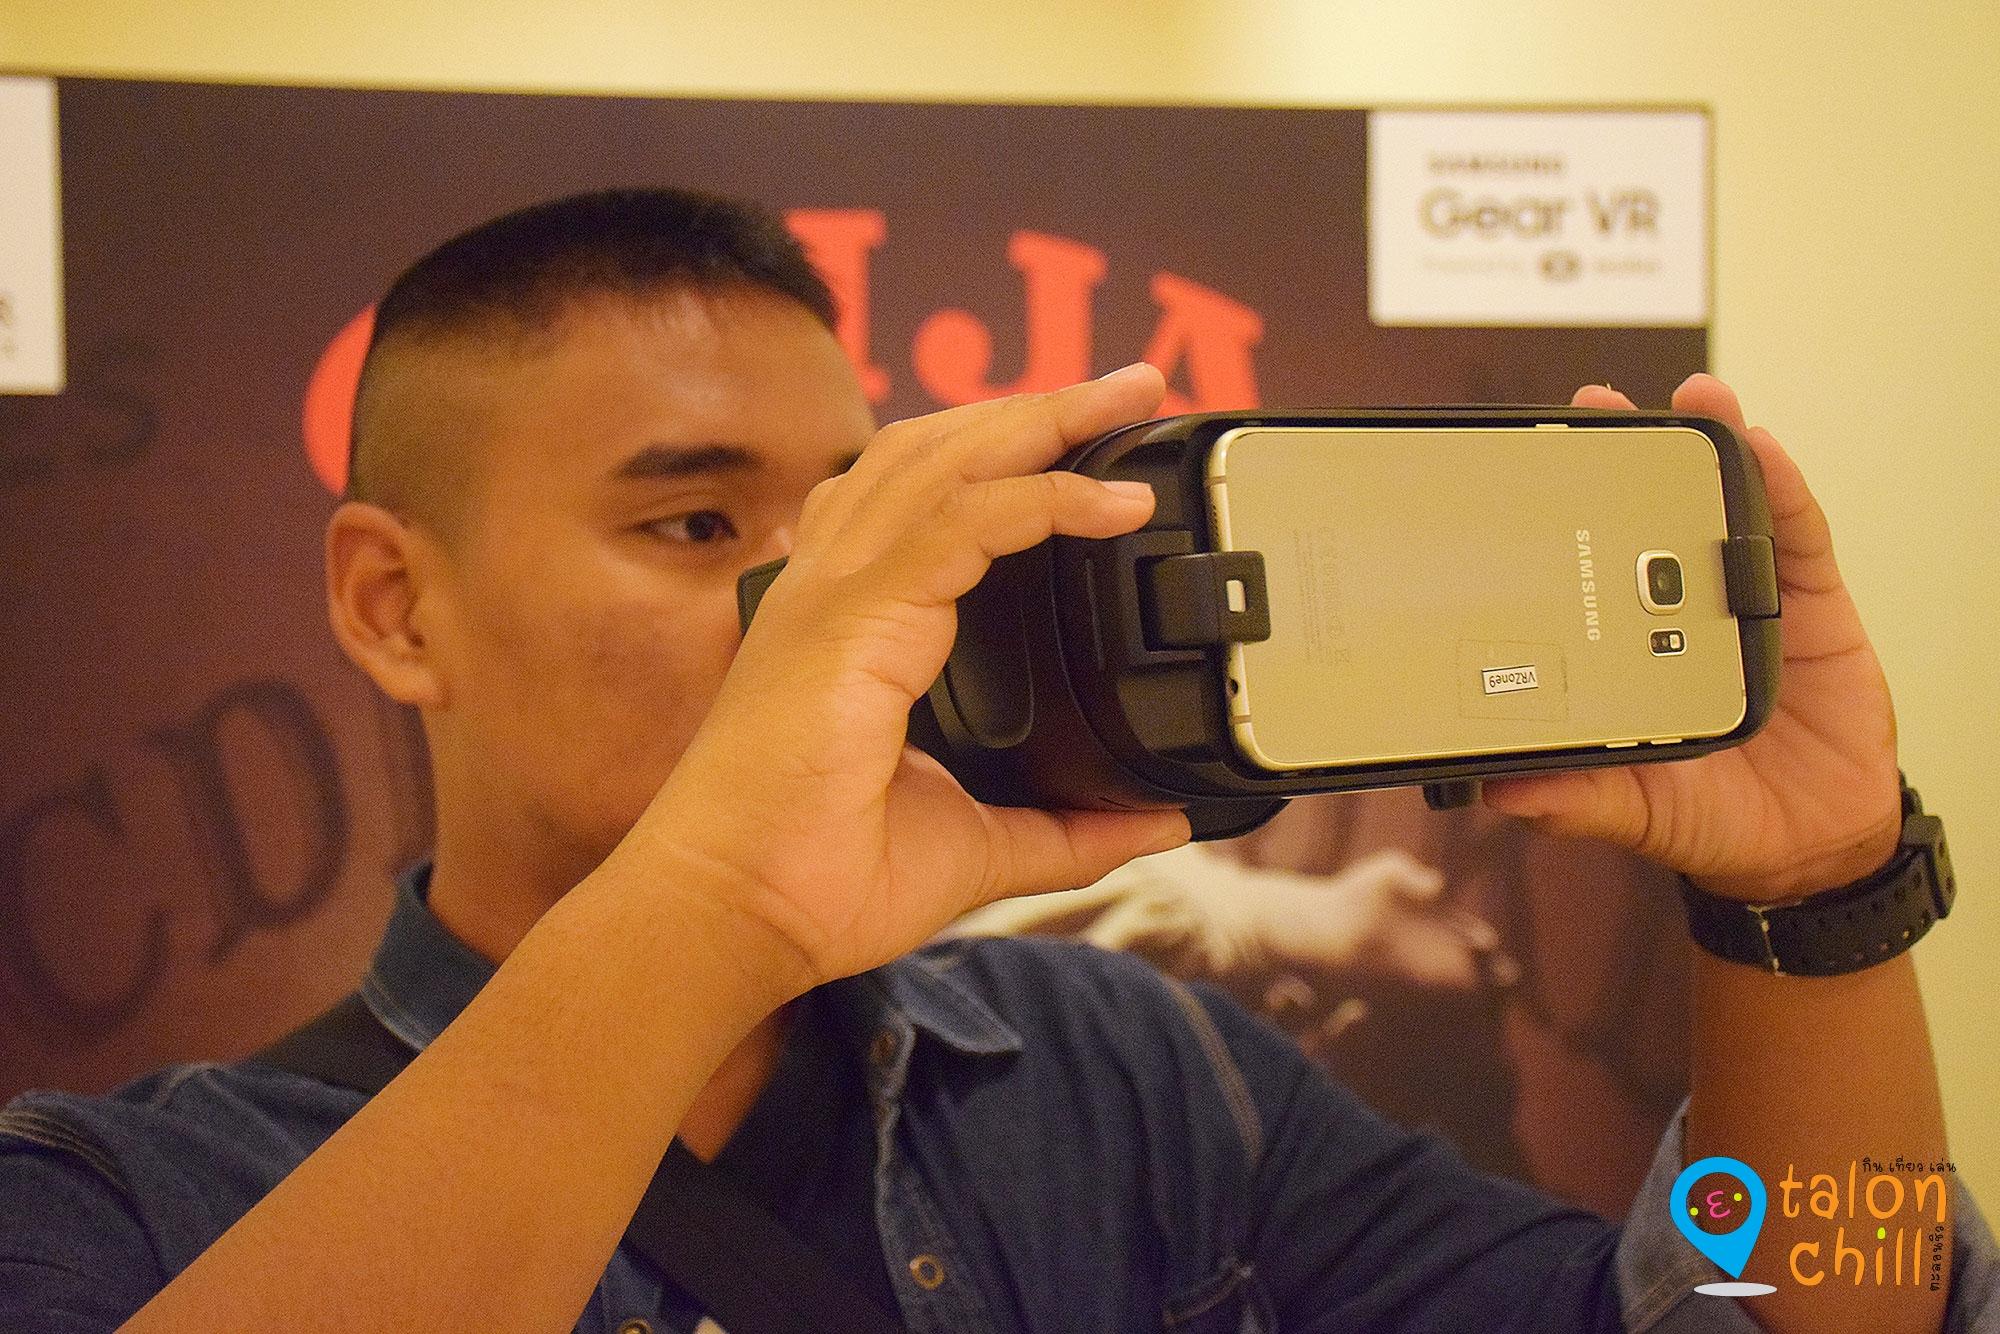 """[หนูทดลอง] แว่น Gear VR 2.0 Powered by Oculus เรื่อง """"Ouija 2 กระดานผี(สะดุ้ง)กระชากวิญญาณ"""""""